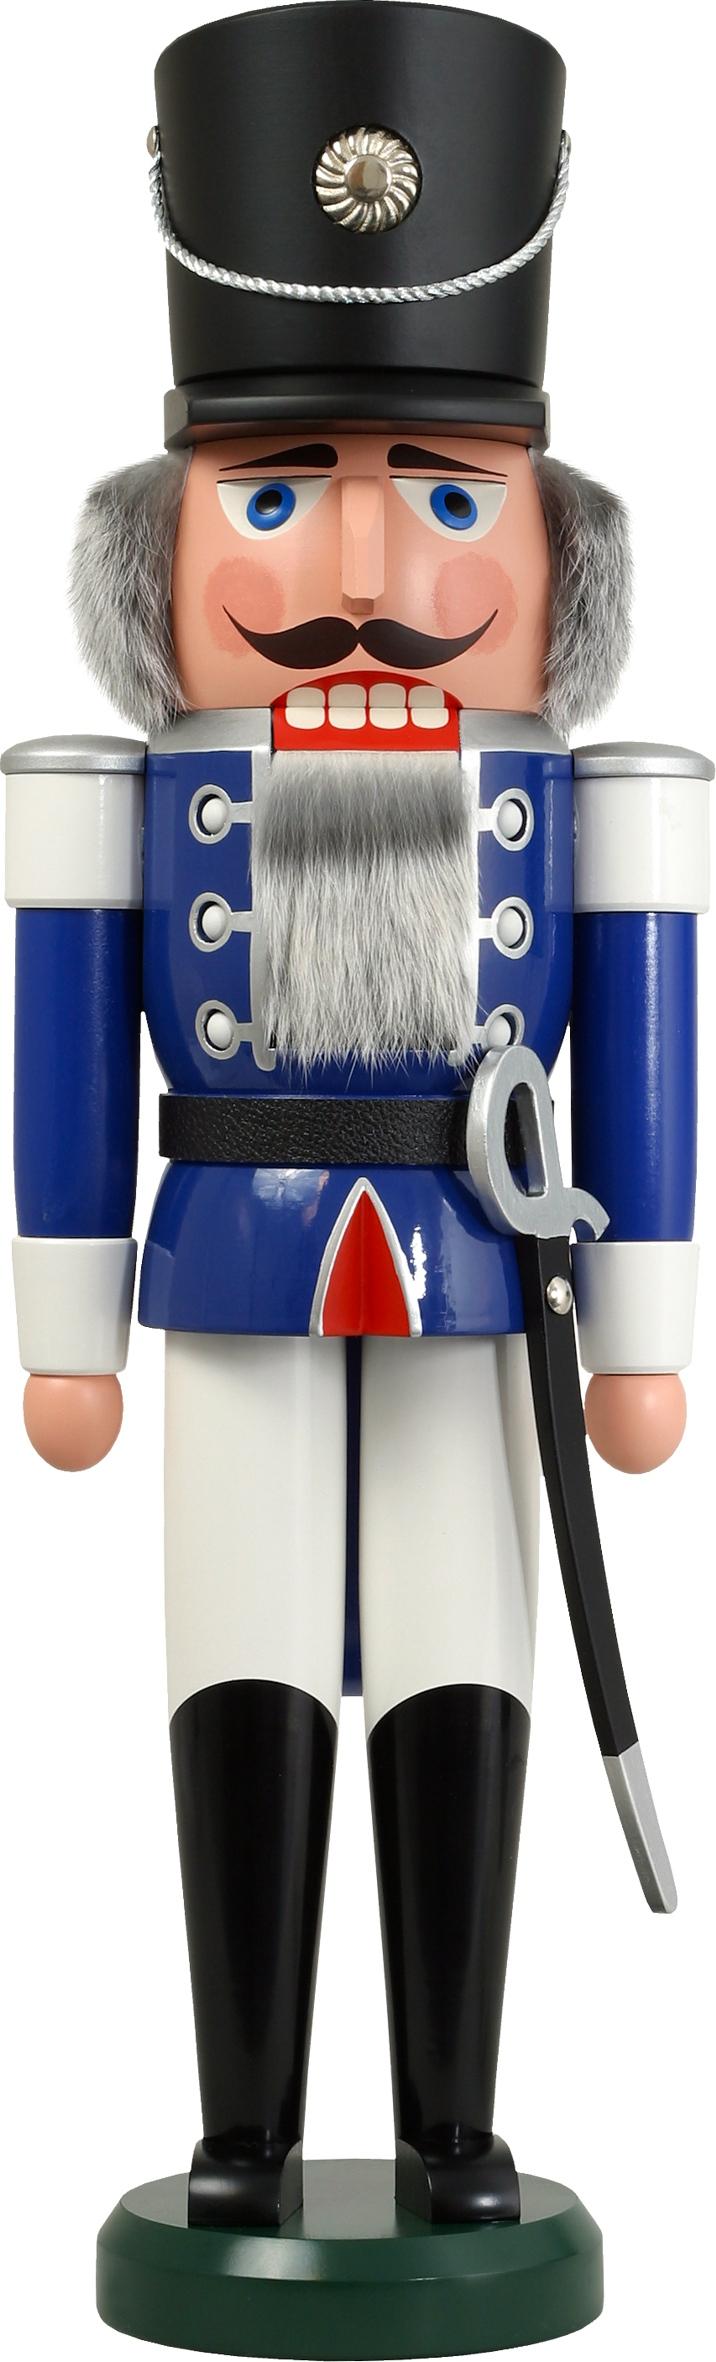 Weihnachtsdekoration Nußknacker Husar blau groß HxBxT = 60x19x15cm NEU